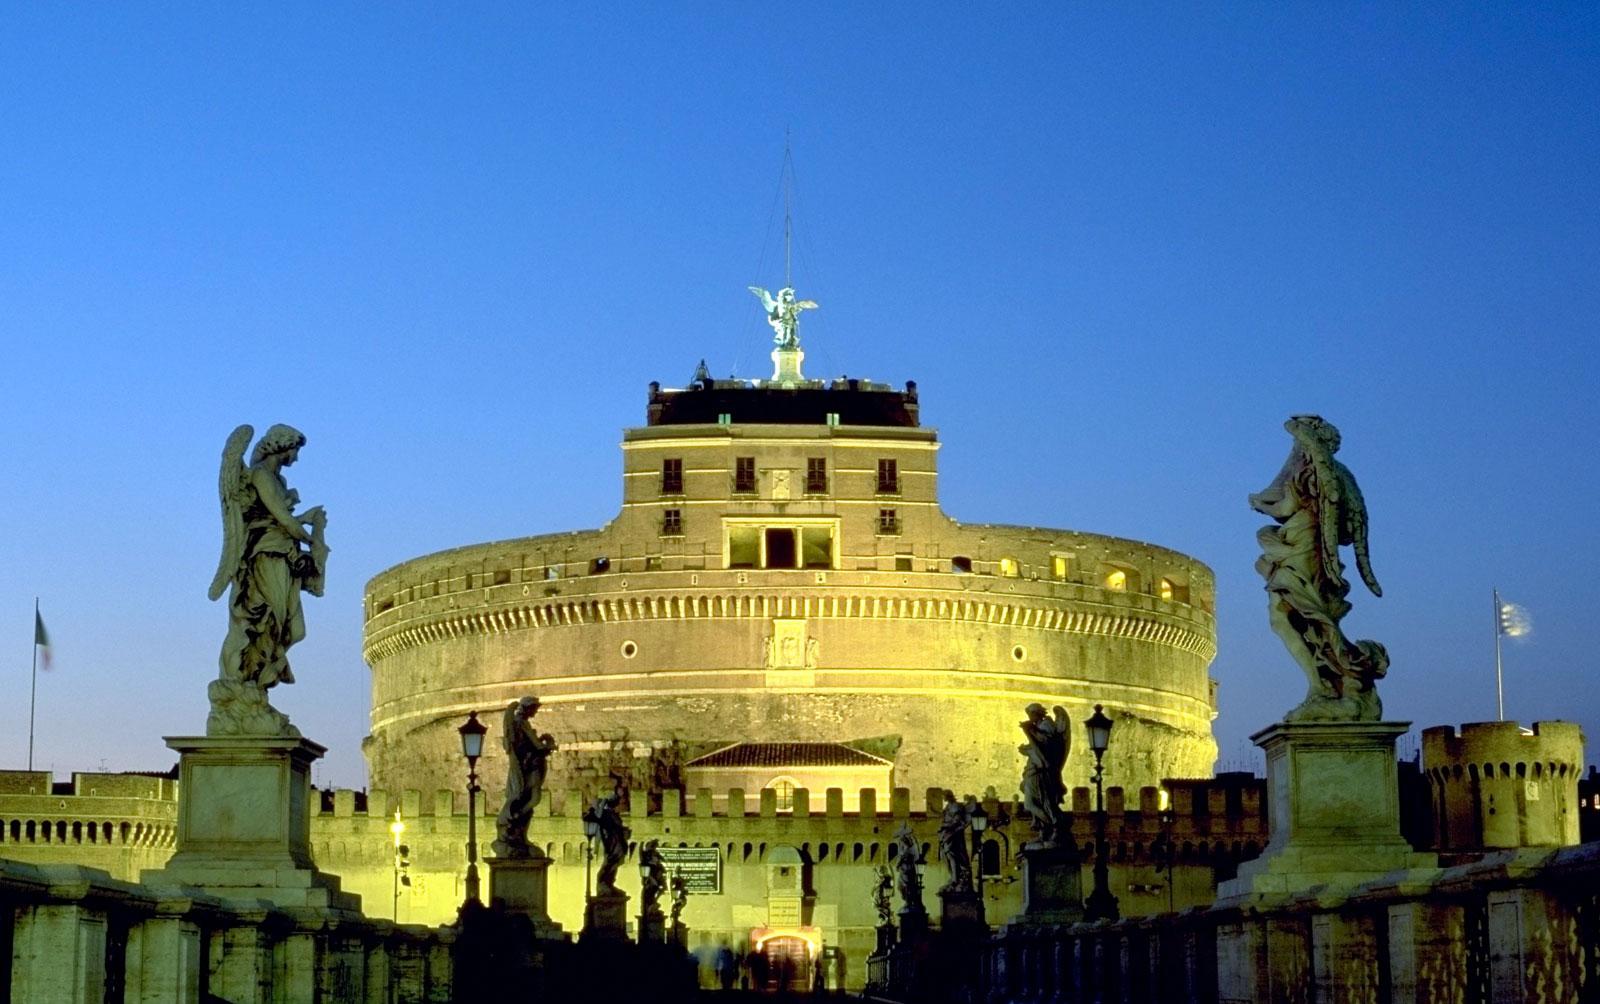 義大利,義大利為凌晨1點. 但是在3-9月(夏日節約時間)則只晚6小時,義大利景點,義大利資訊,世界時間查詢點擊相應的城市後即可得到這個城市當前時間;最精確的萬年曆查詢包括陰曆,義大利 ...